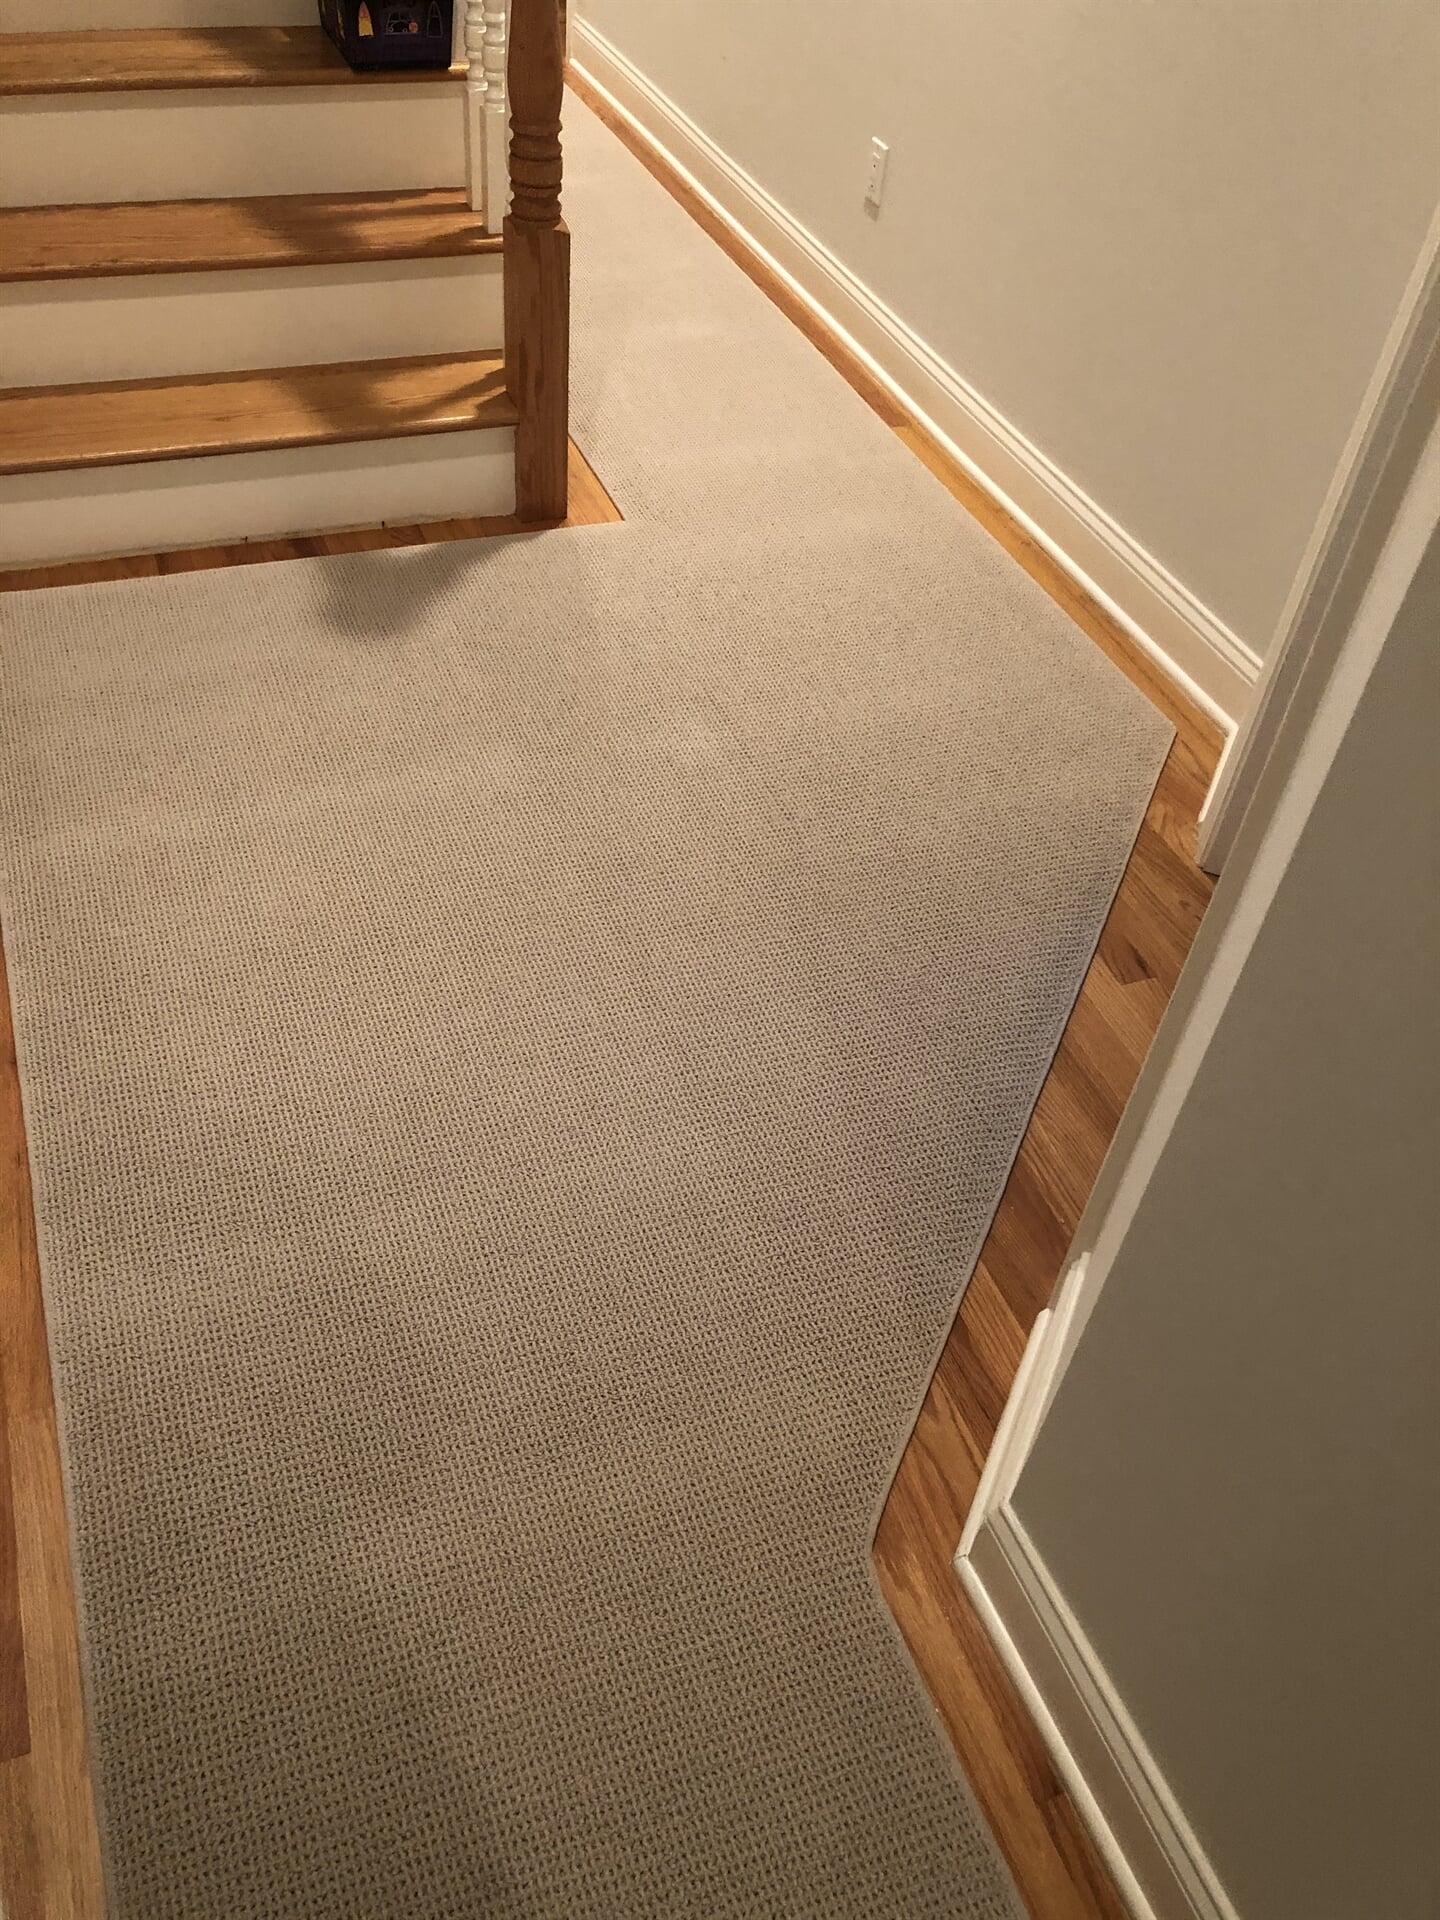 Carpet hallway runner in Stamford, NY from White Plains Carpets, Floors & Blinds